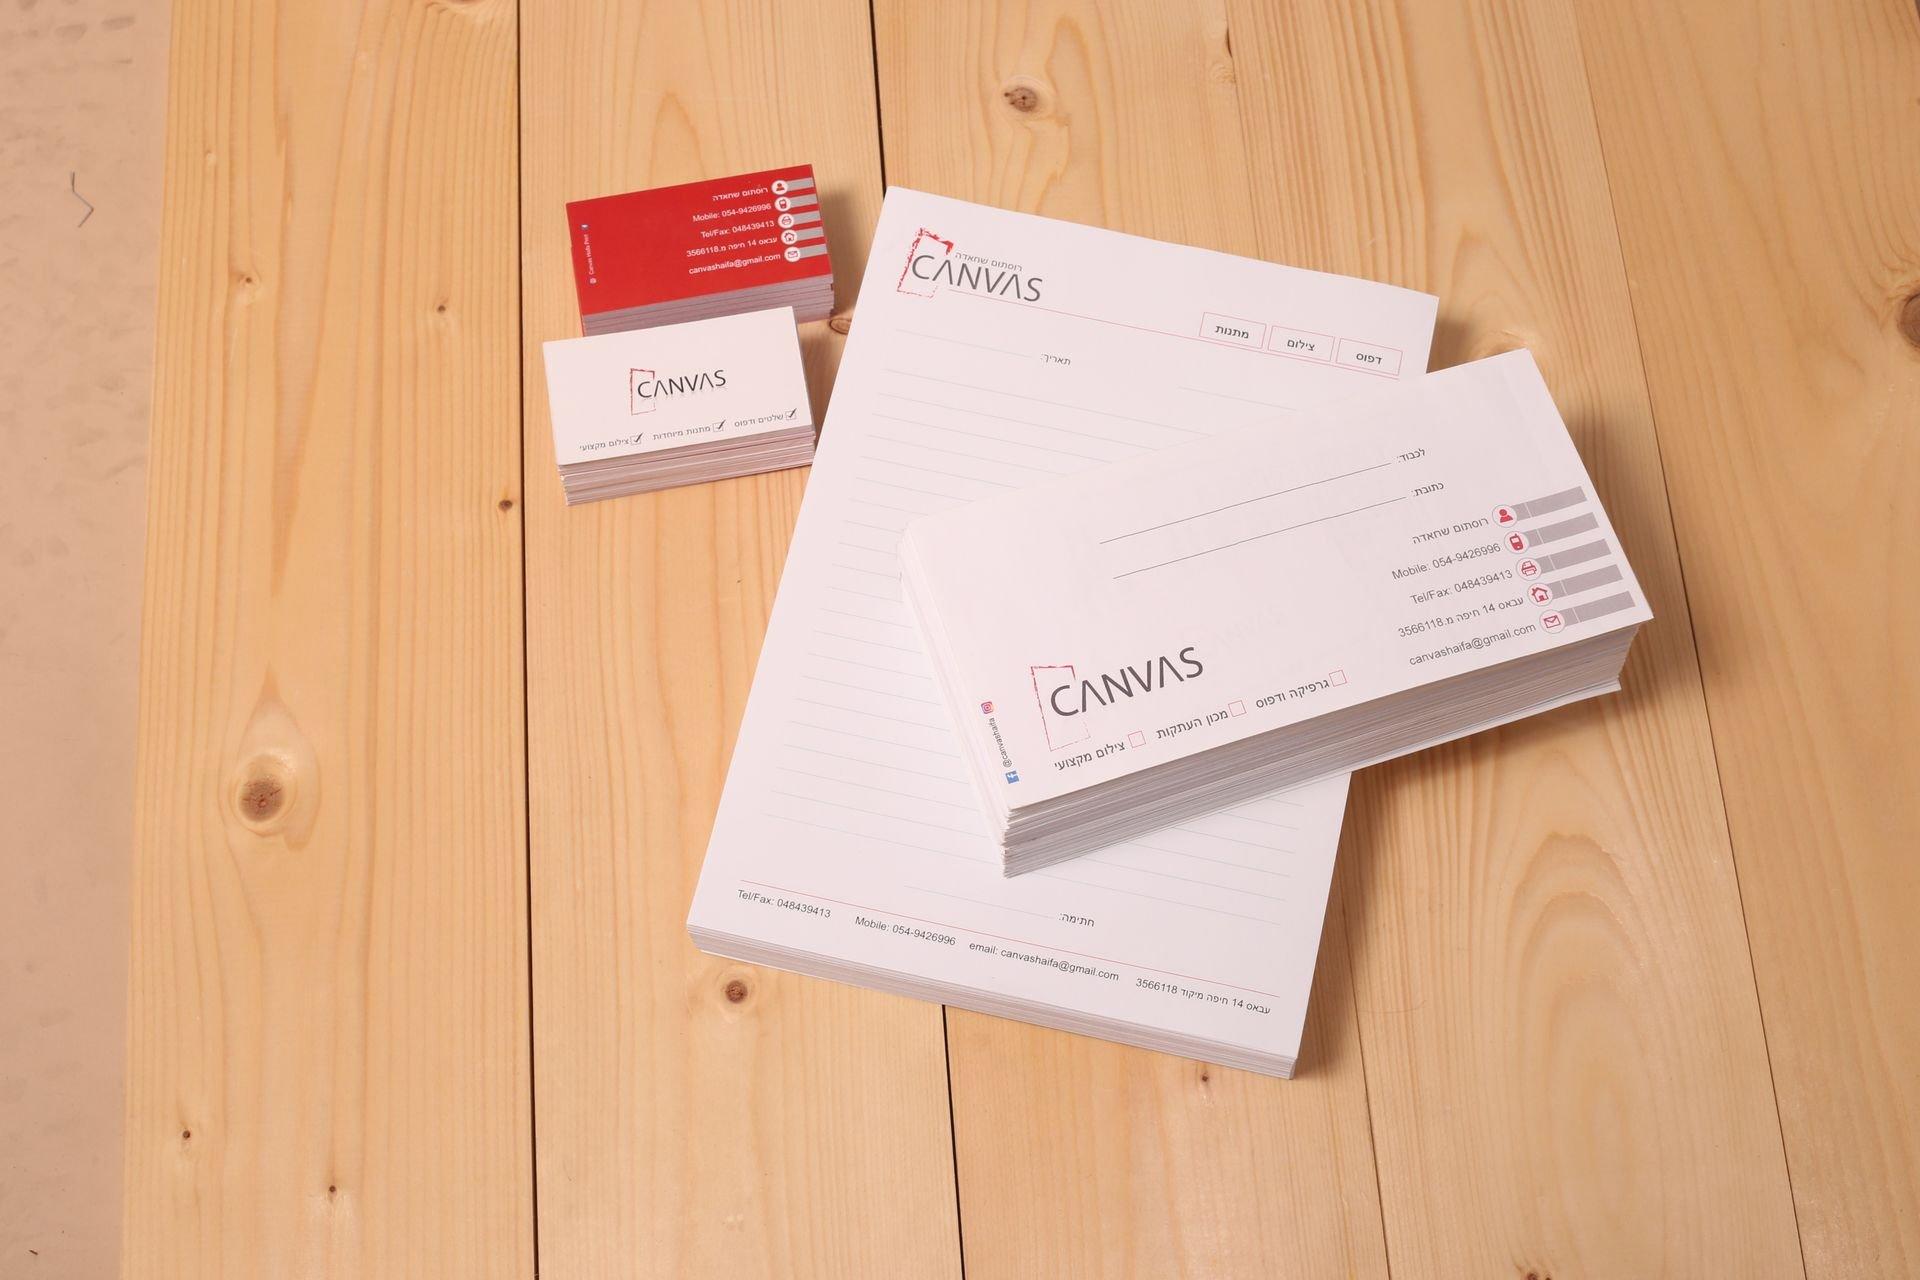 =נייר פירמה (דפי לוגו) A4הדפסה בצבע אחד נייר 80 גרם. מדפסת רגילה.